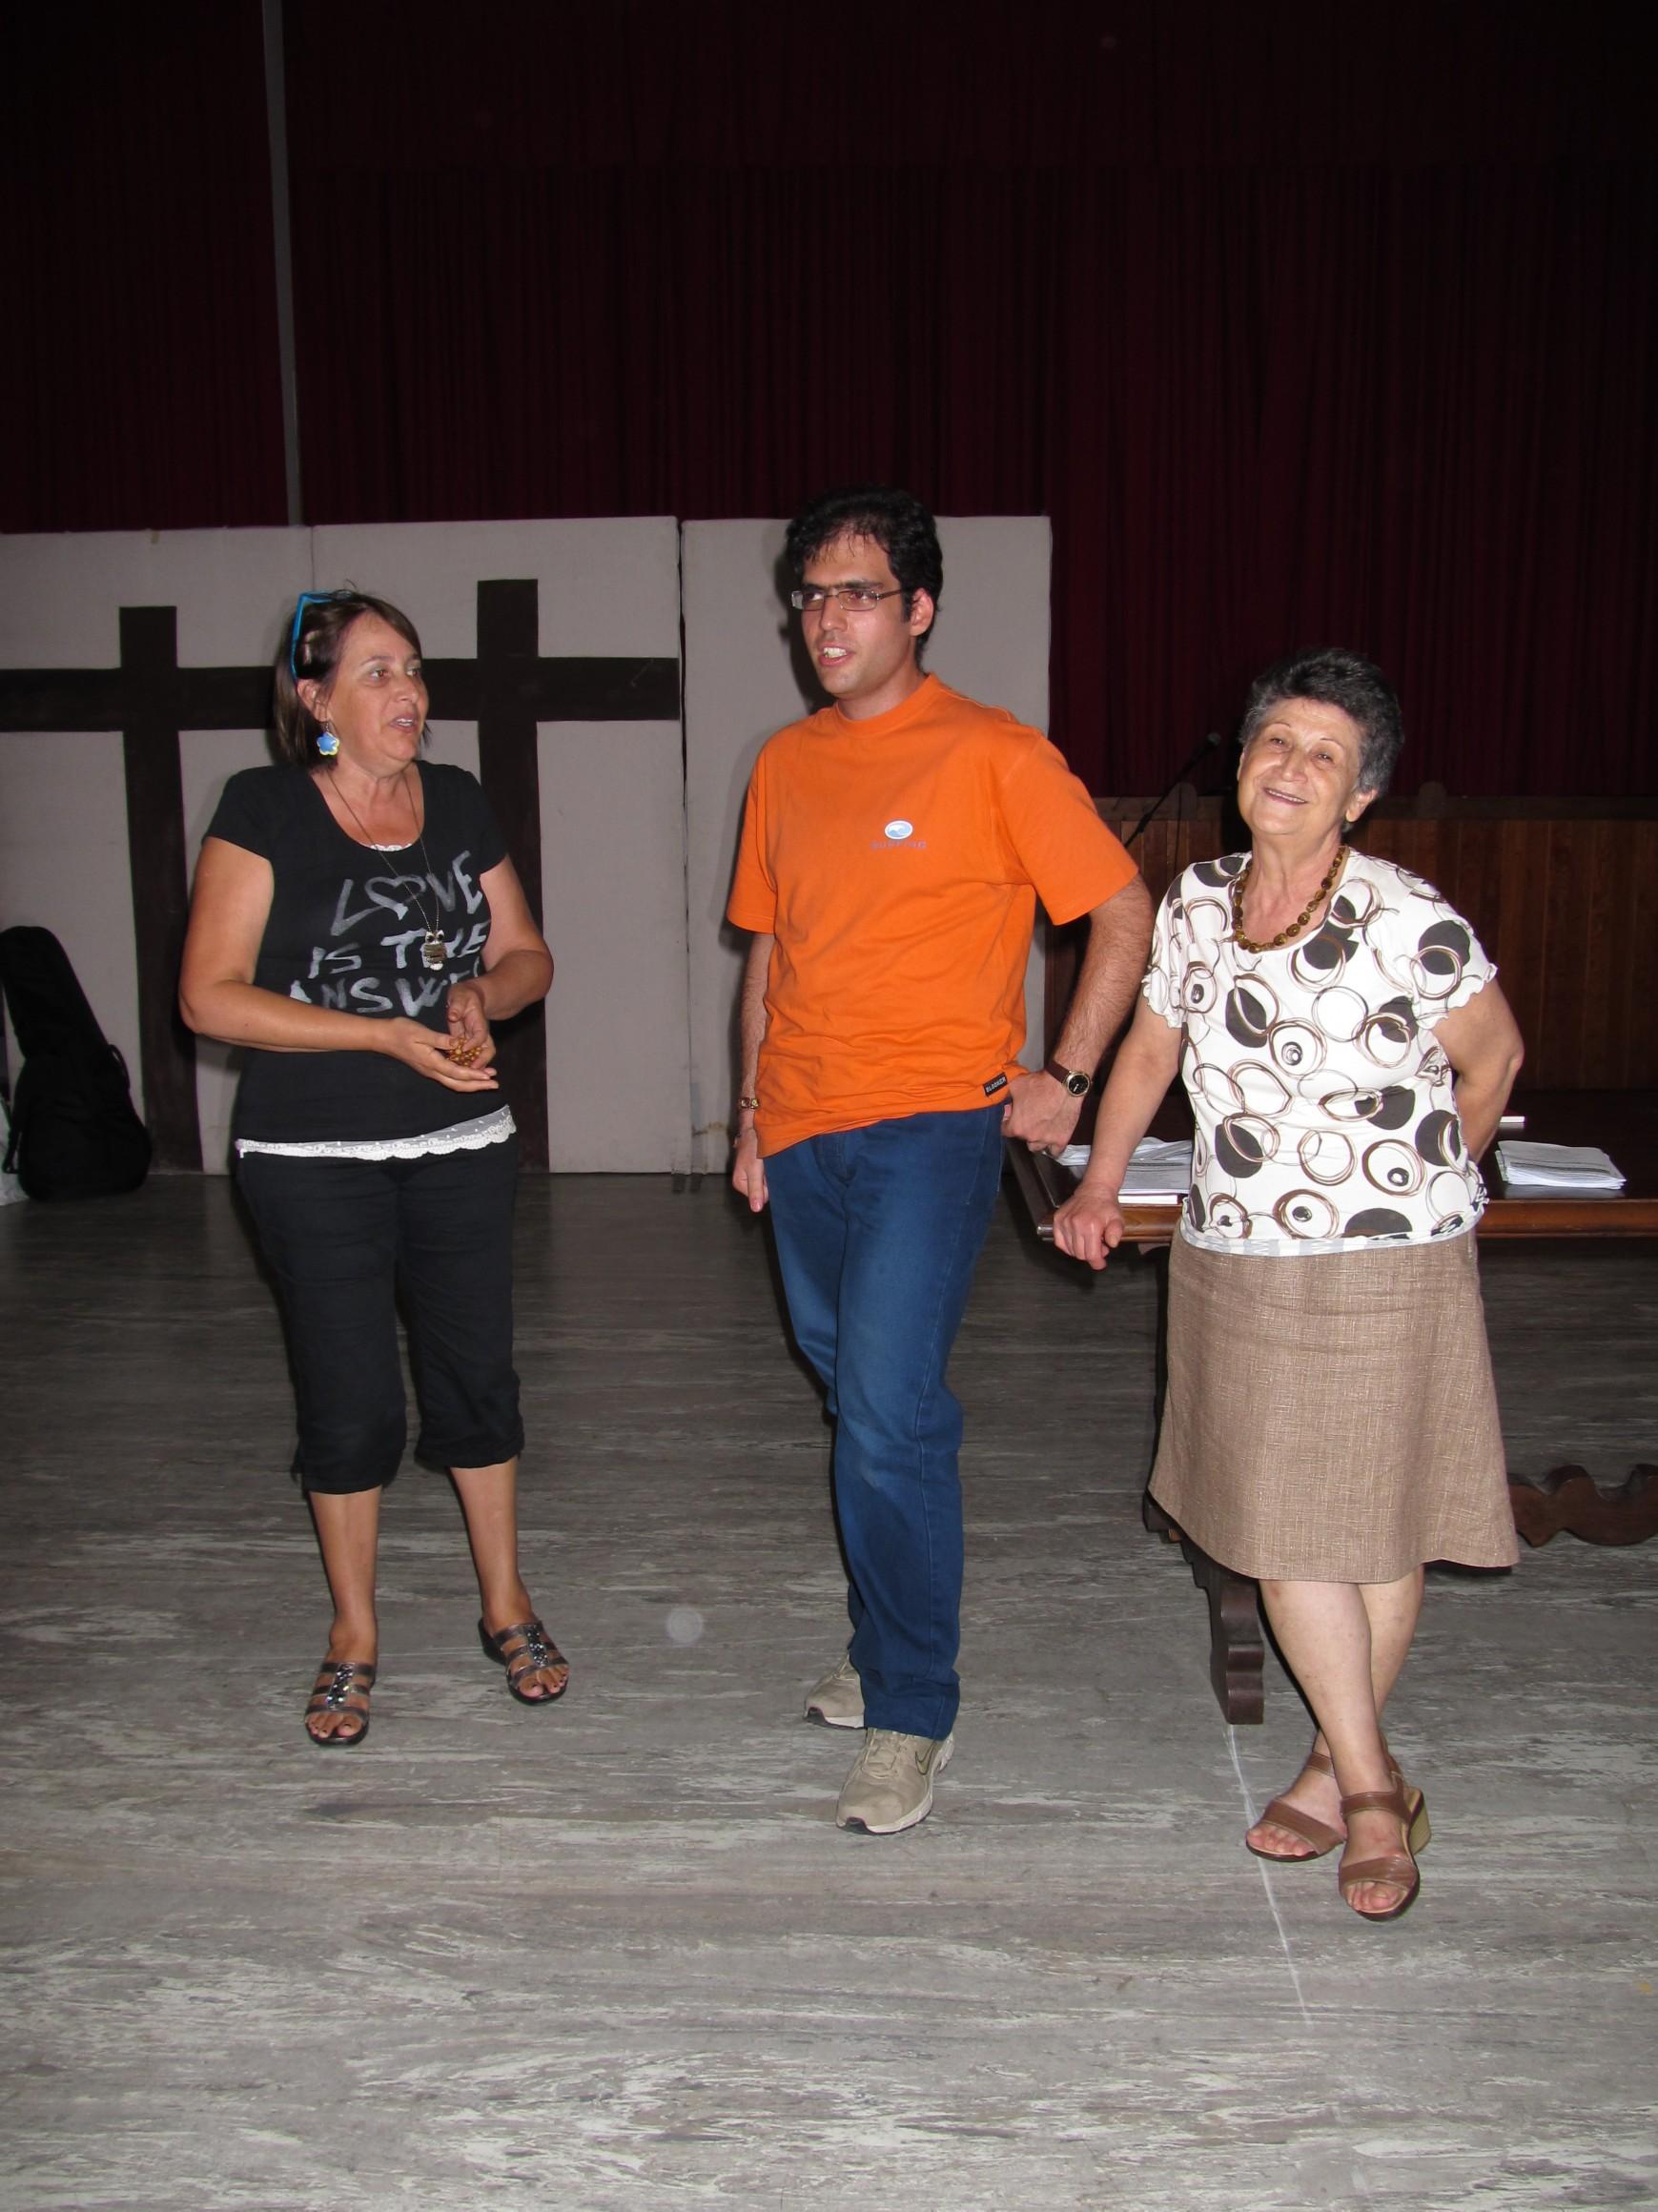 giornata_comunita_arenzano-2013-09-22-15-32-00